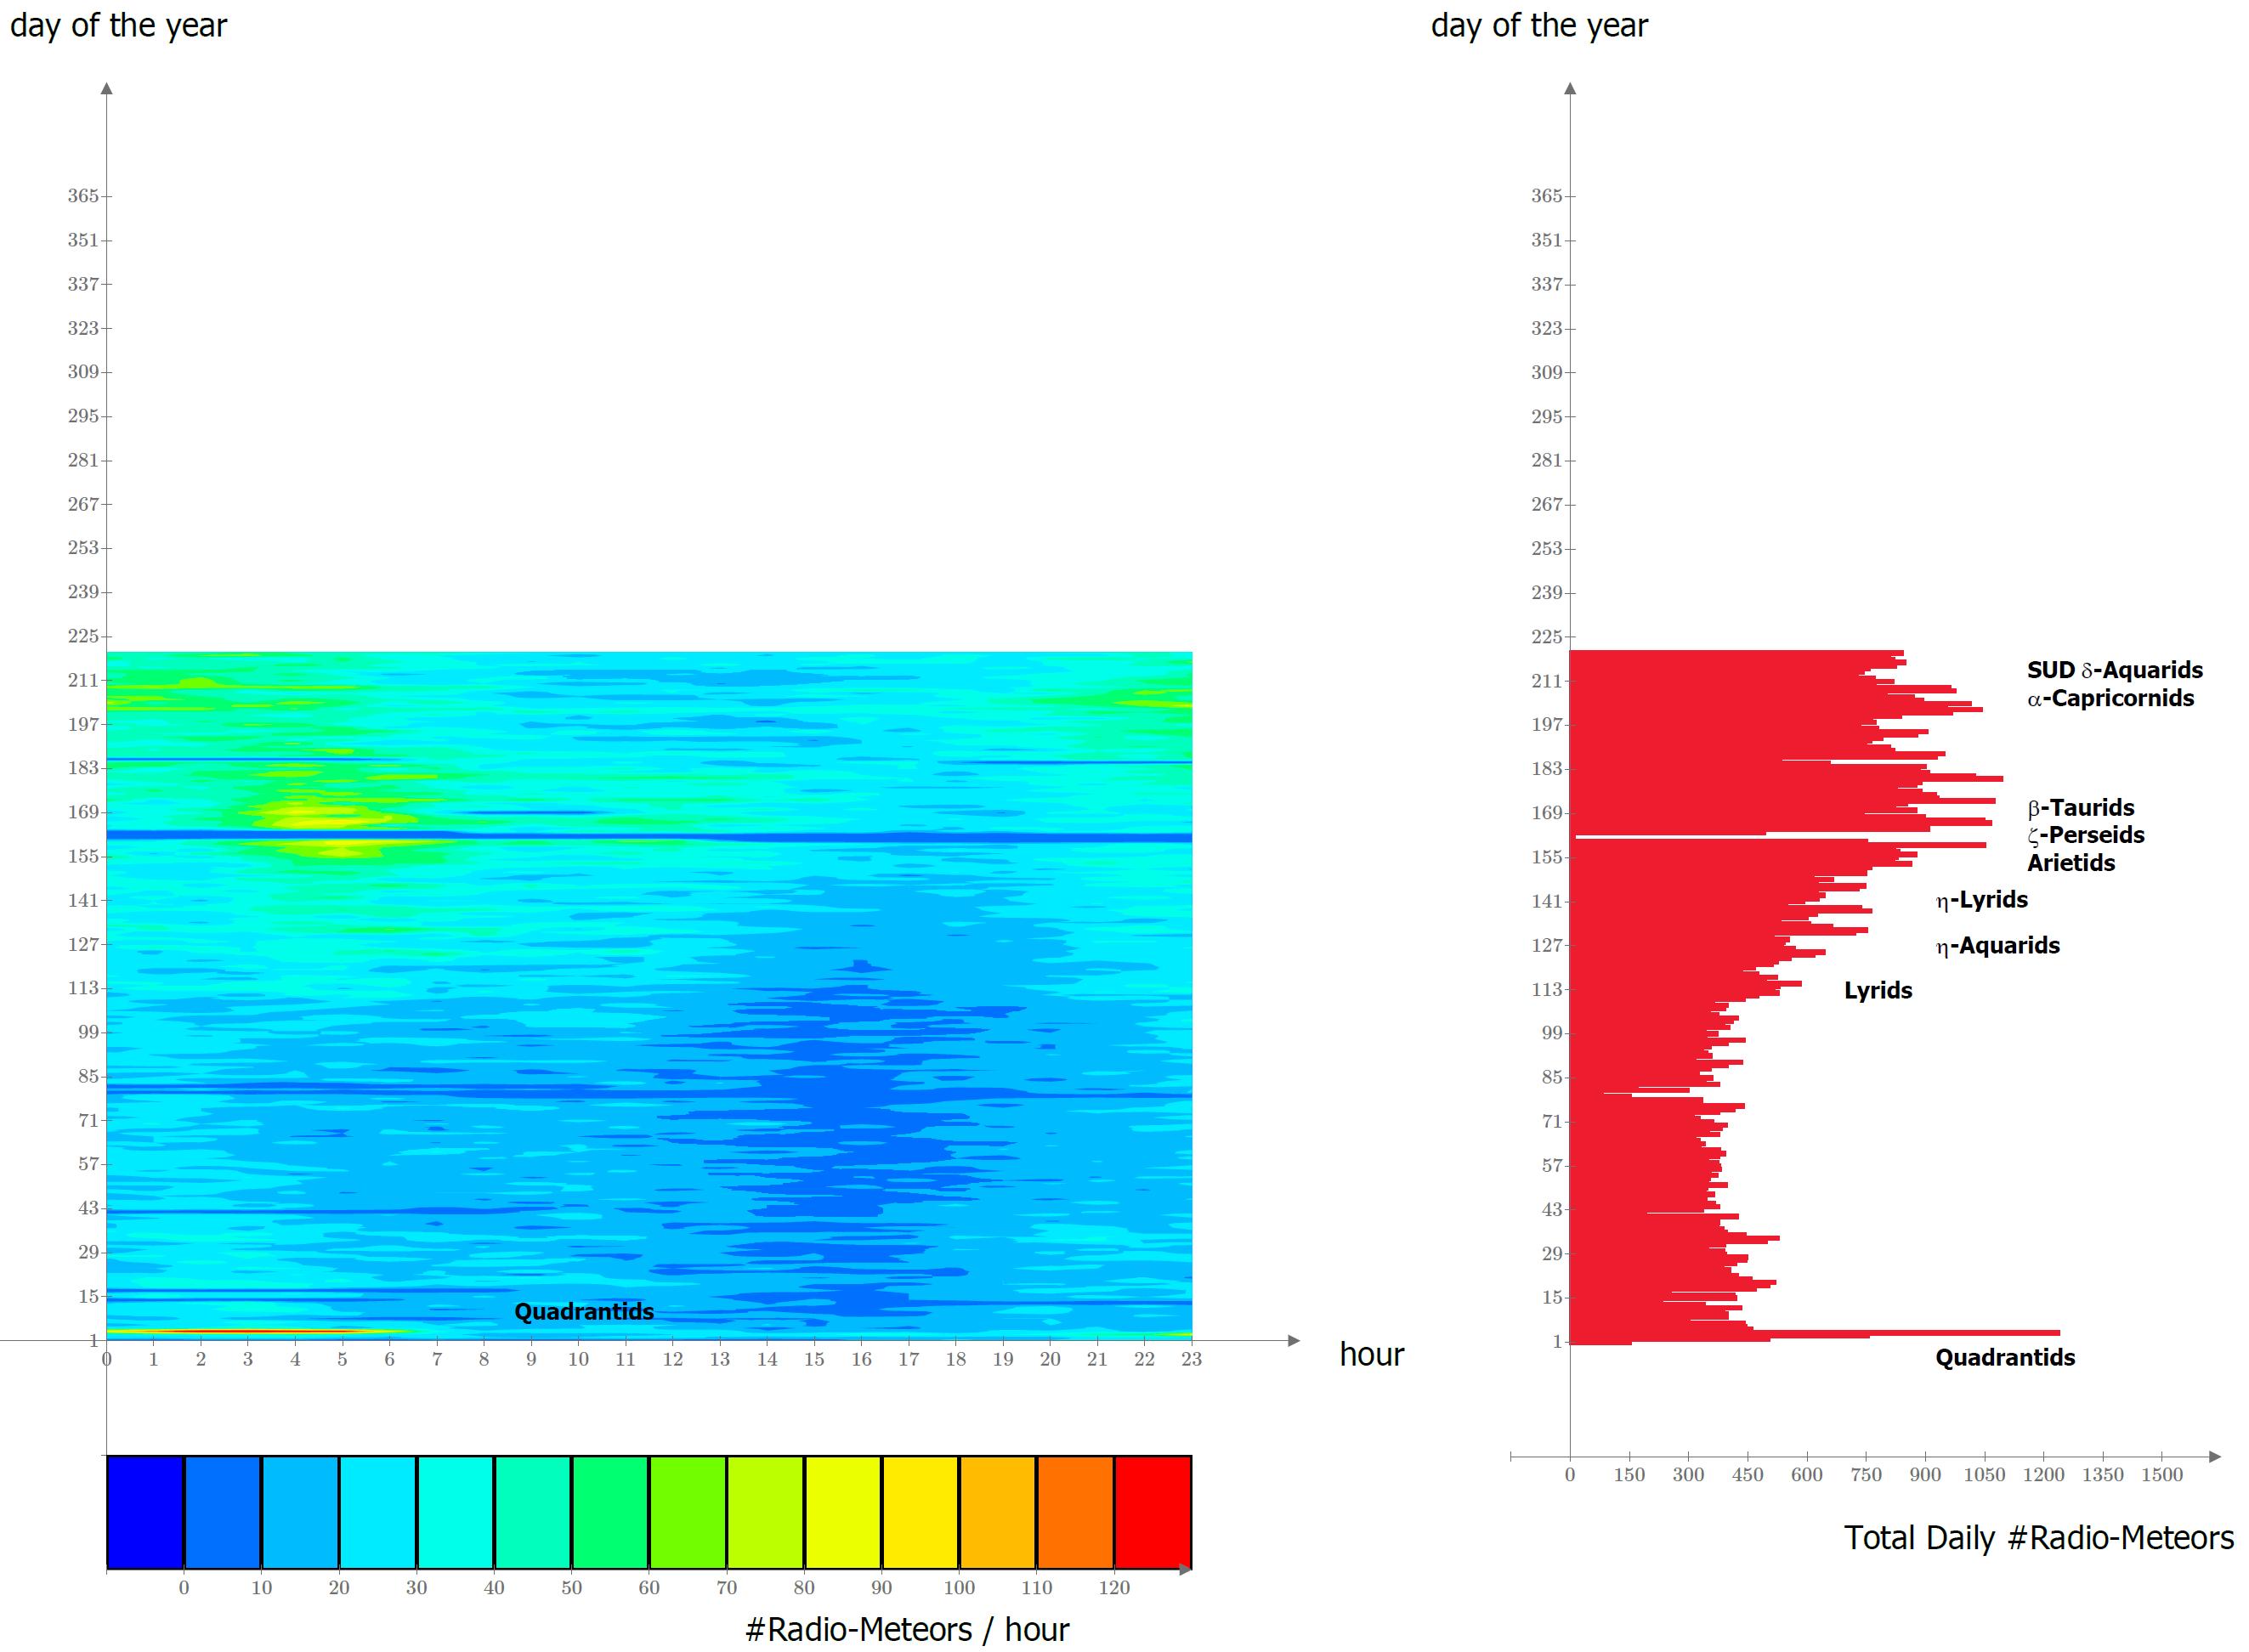 Mappa dei radio-eventi meteorici catturati dal 1 Gennaio 2019 ad oggi. Rispetto all'anno precedente, spicca un'attività molto più intensa delle Quadrantidi.